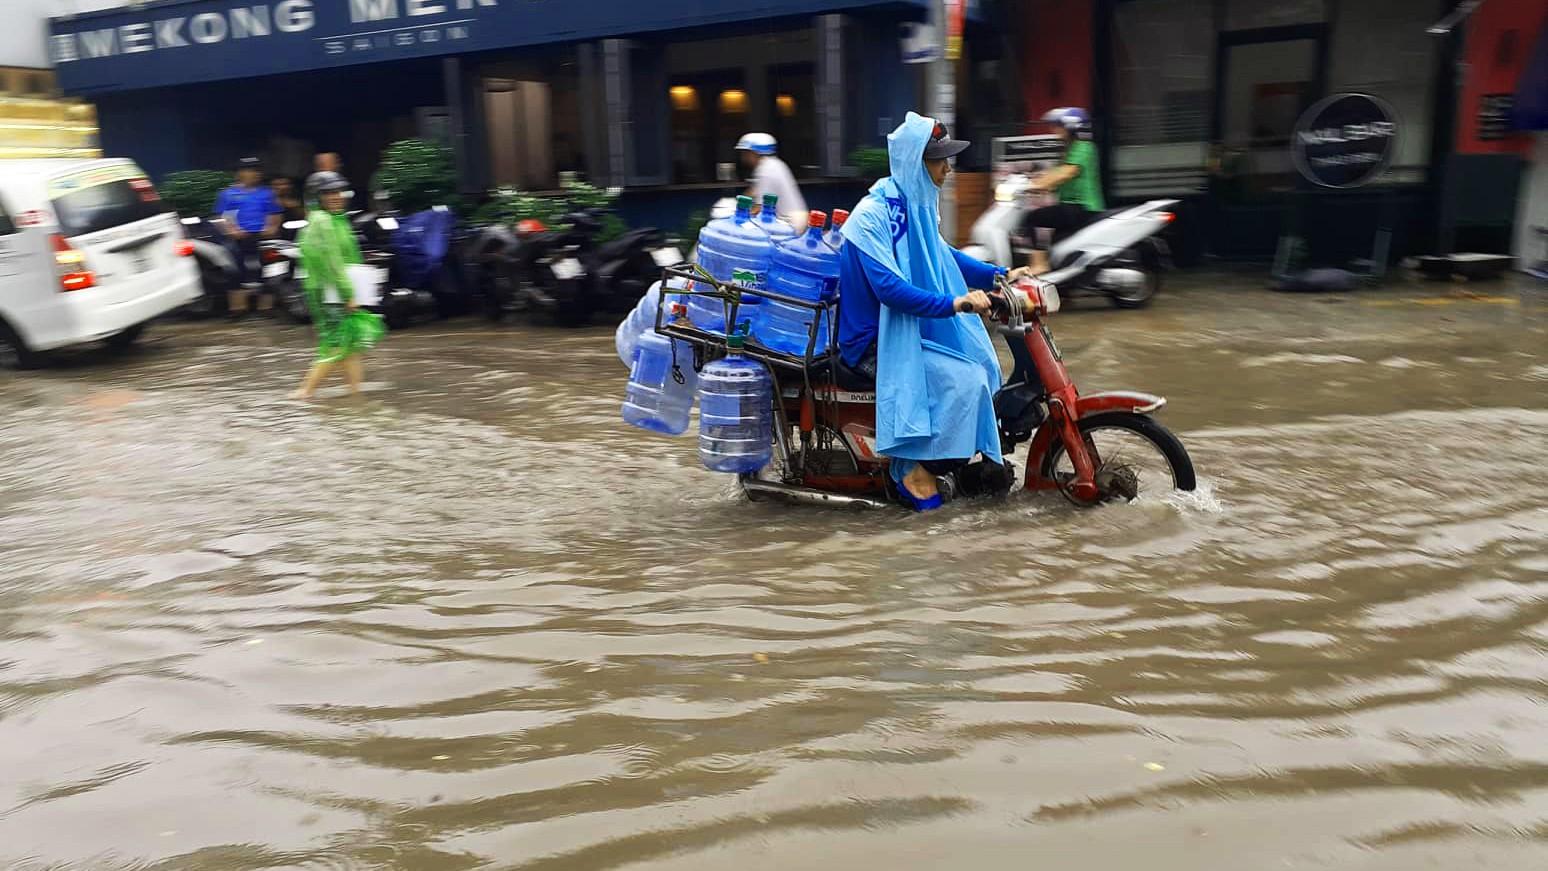 Sài Gòn mưa lớn ngày cuối tuần, đường thành sông, người dân chật vật lội nước về nhà - Ảnh 11.